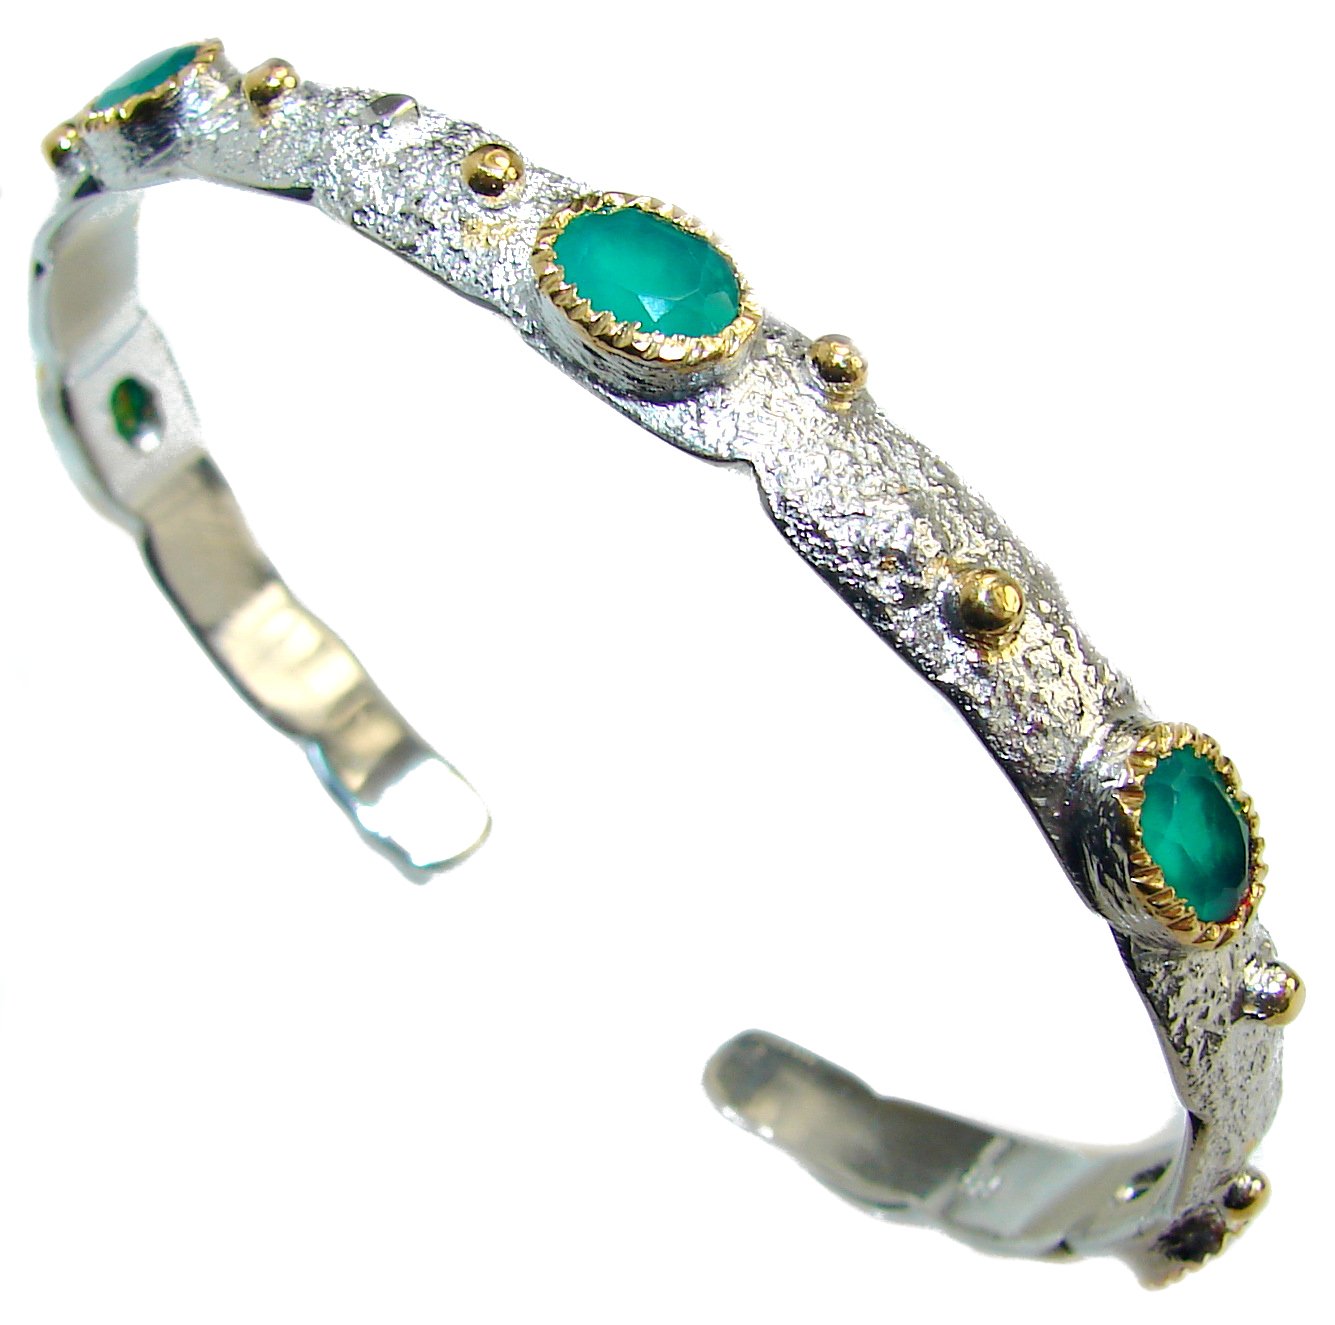 Emerald 14k Gold over .925 Sterling Silver handcrafted Bracelet